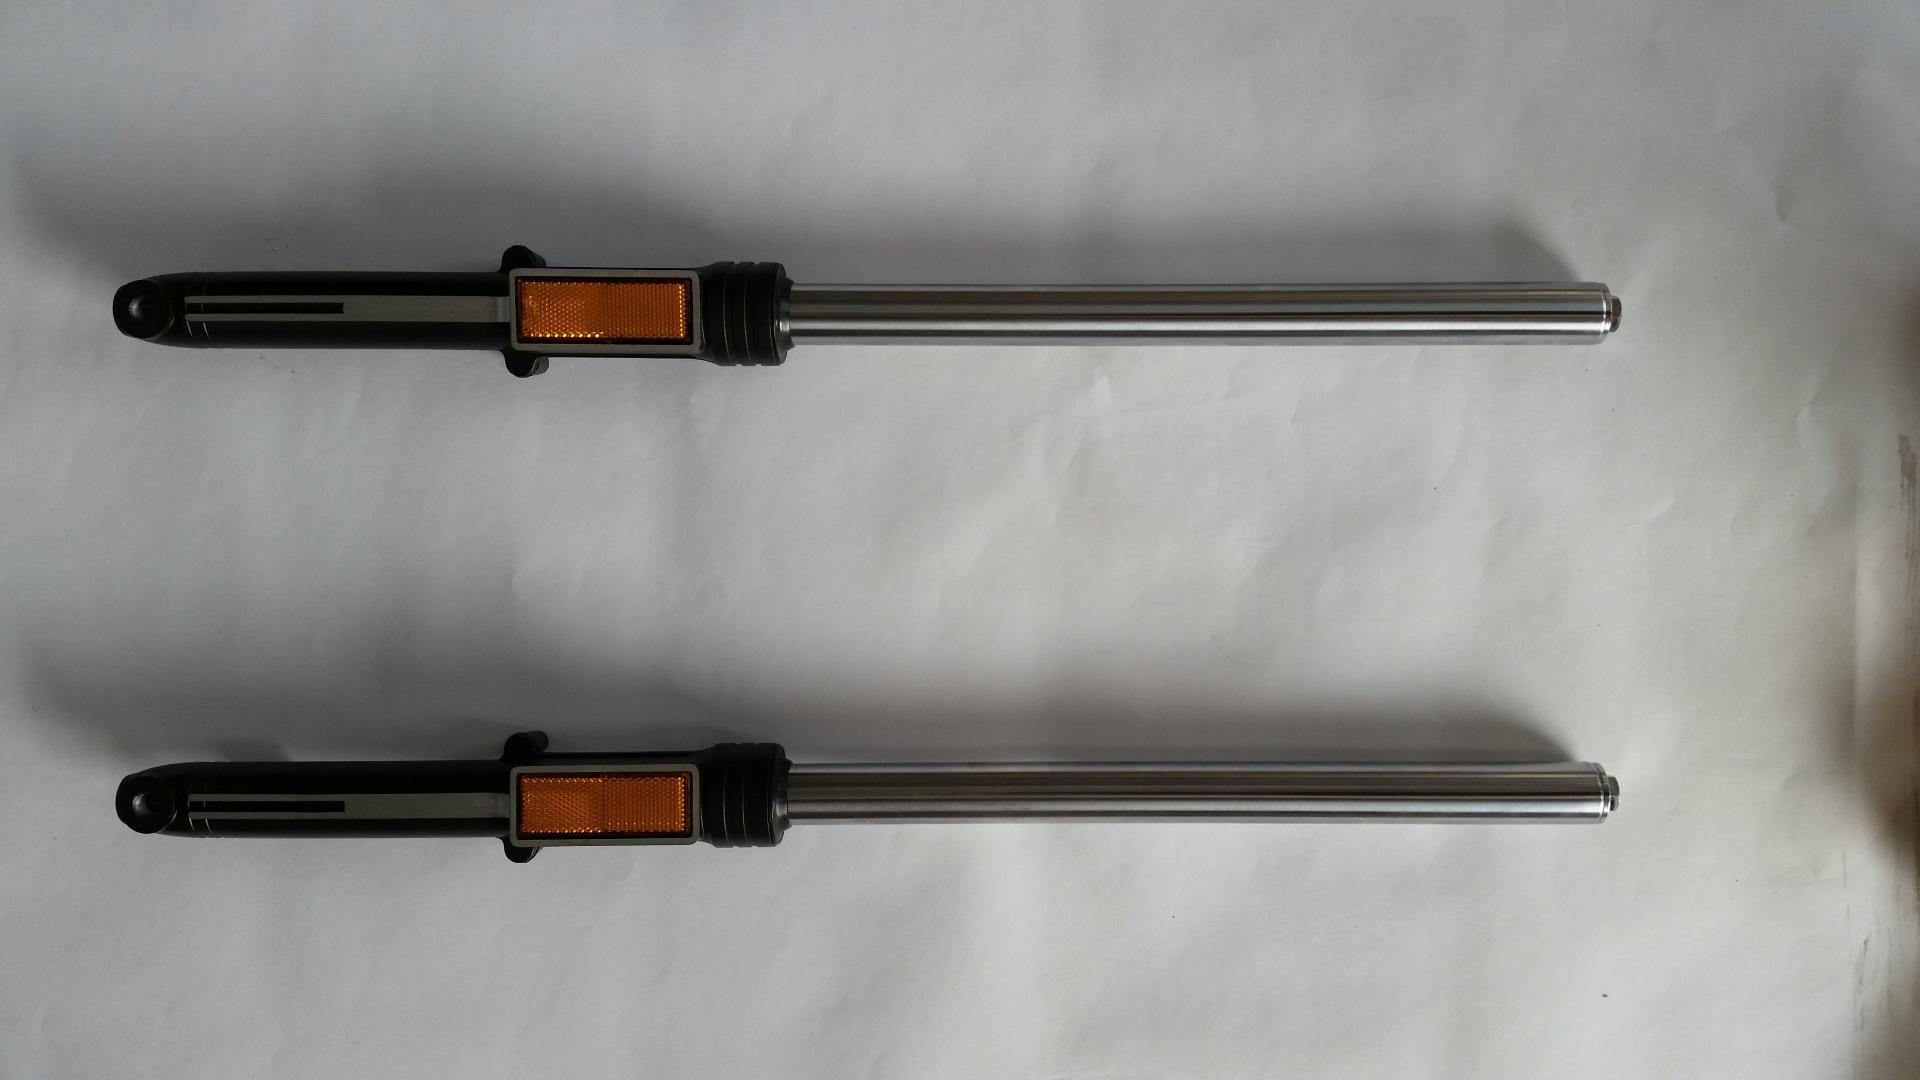 WY125减震器鼓刹 摩托车前倒置减震器 减振器 -价格,厂家,图片,